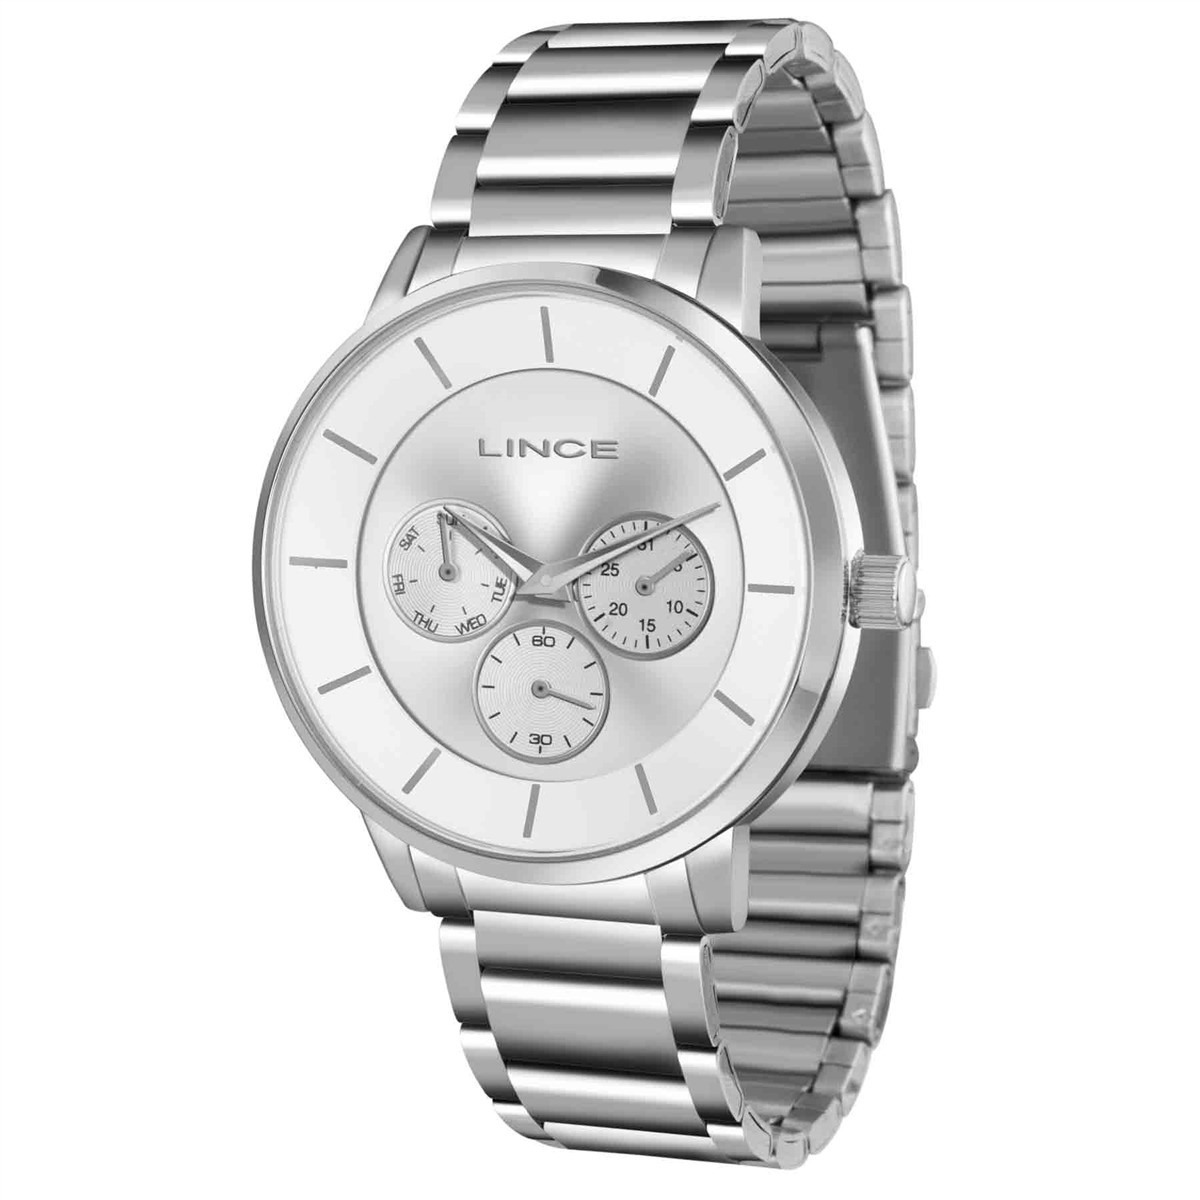 401f66c5442 relógio lince masculino aço calendário barato prata lmmj054l. Carregando  zoom.